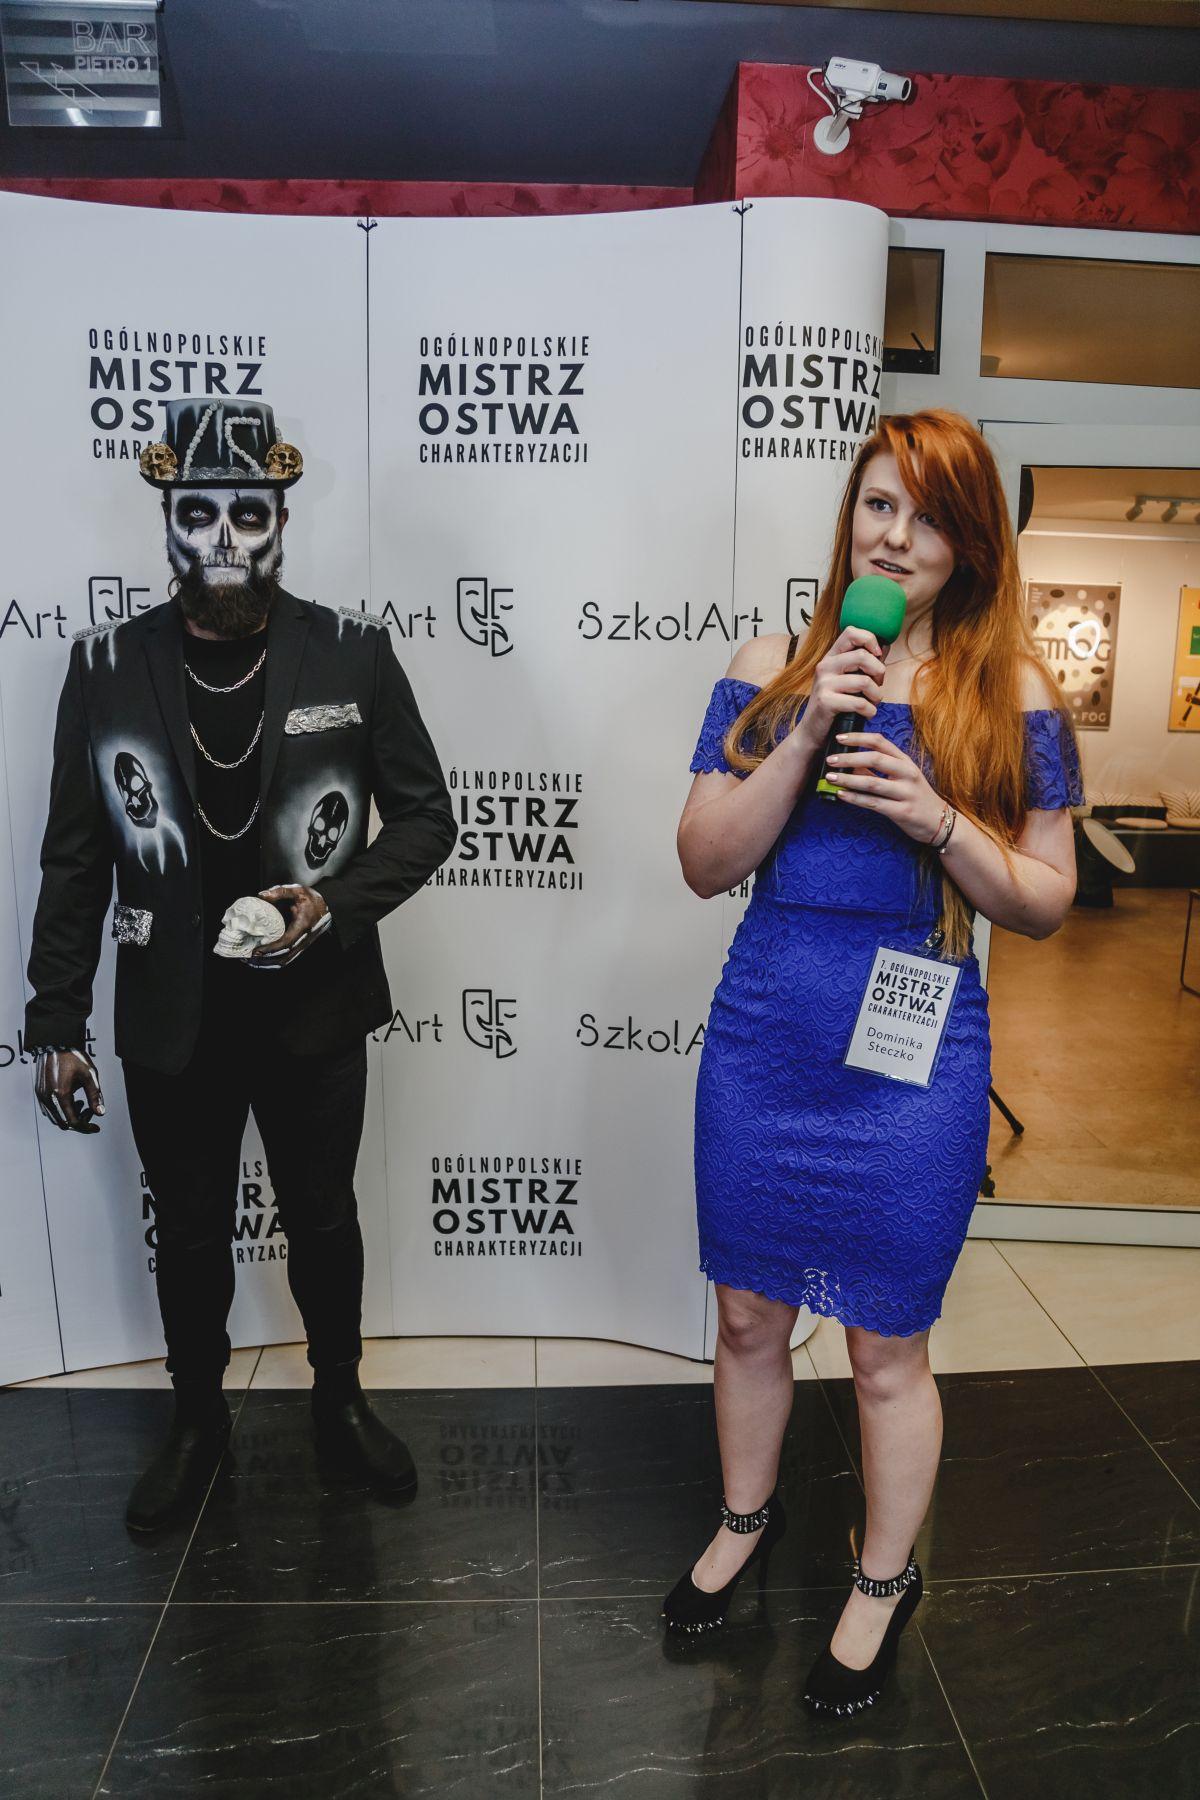 7. Ogolnopolskie Mistrzostwa Charakteryzacji -  157